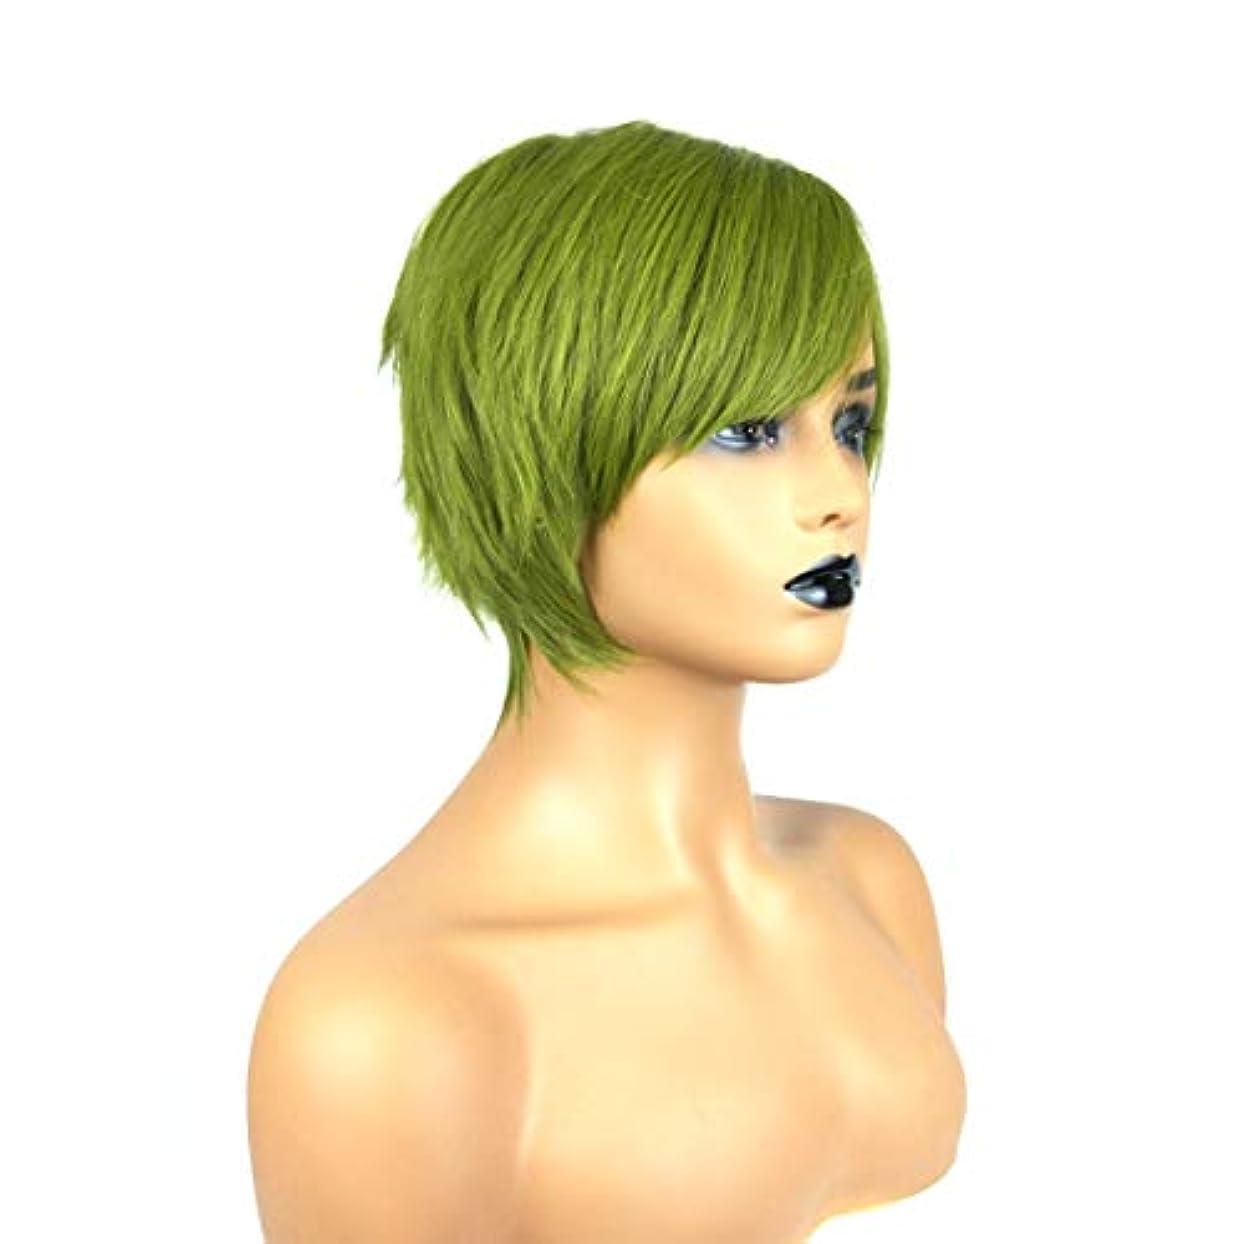 フェロー諸島いとこ主張Summerys フラットグリーン前髪ストレートグリーンショートストレートヘアショートボブヘアかつら